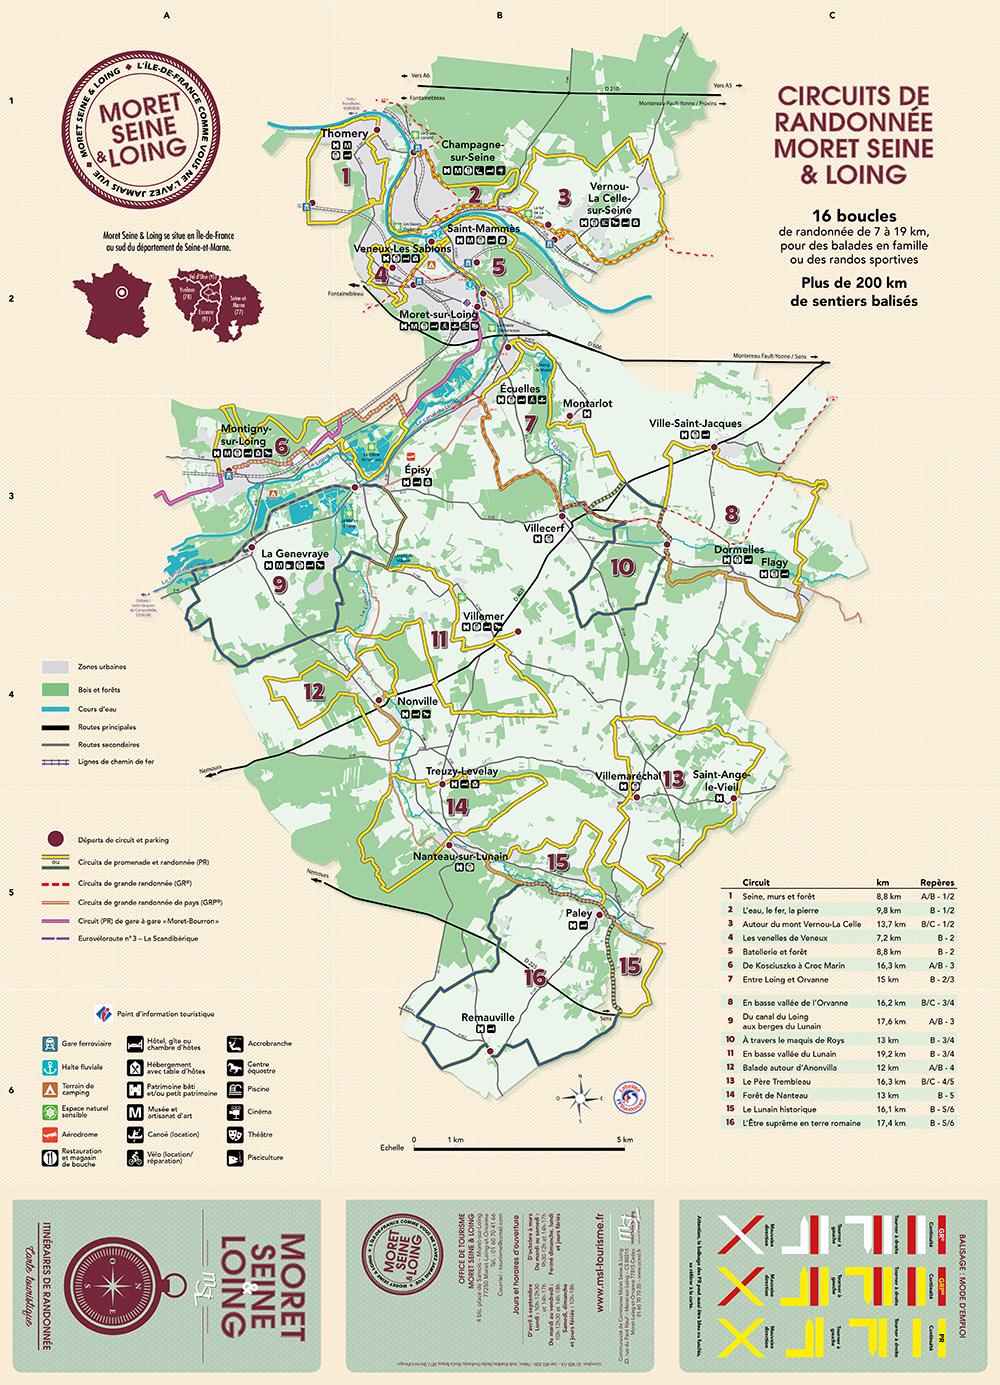 Télécharger la carte des circuits de randonnée MSL